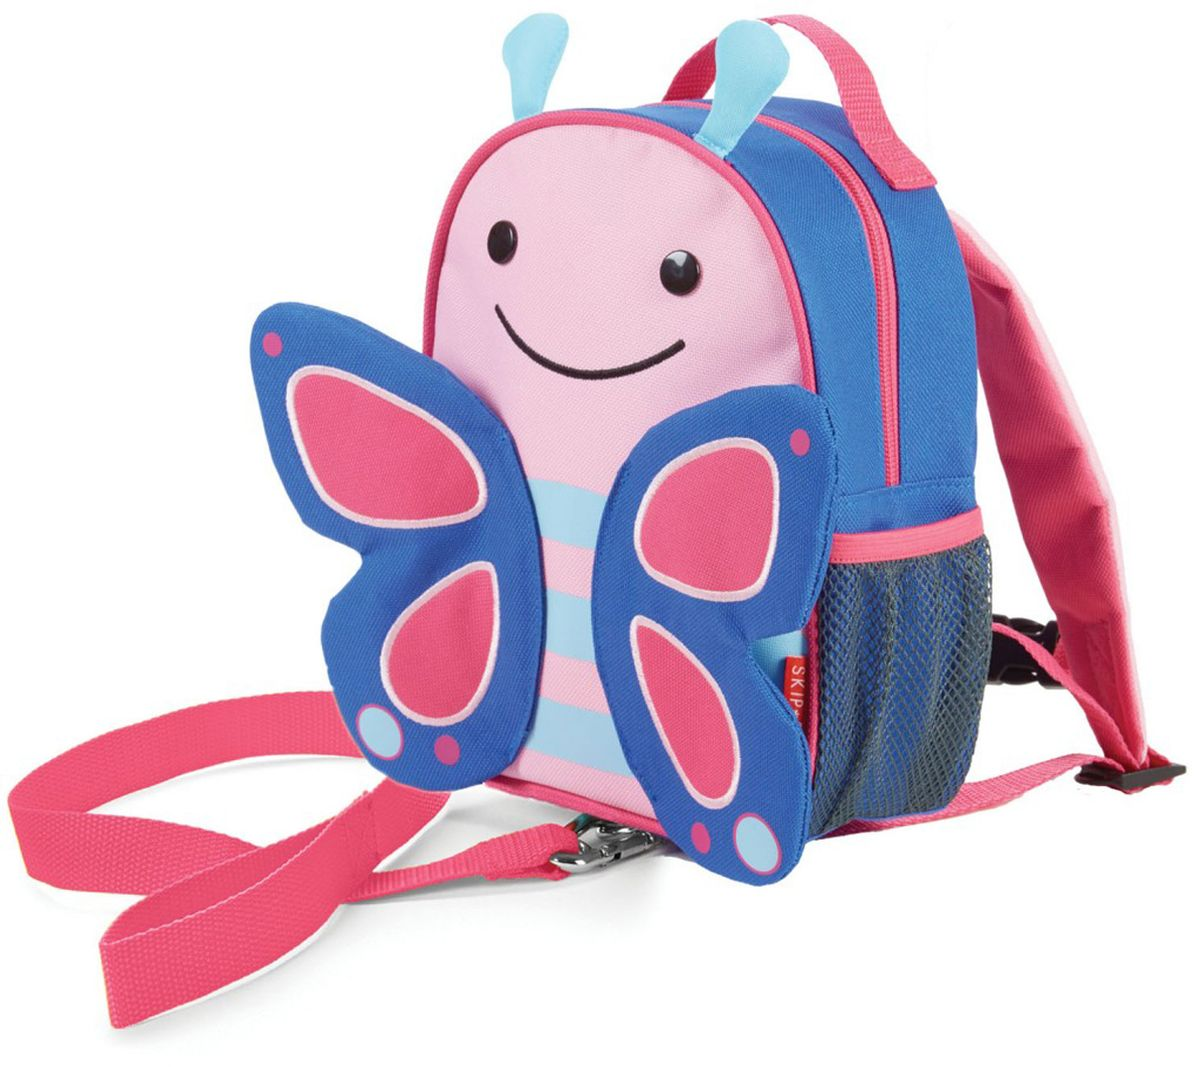 Skip Hop Рюкзак дошкольный Бабочка с поводкомSH 212202Дошкольный рюкзак Skip Hop, выполненный в виде бабочки, поможет сделать первые шаги, подстрахует малыша в ответственный момент, огородит родителей от лишних волнений и беспокойств с помощью поводка для детской безопасности. При необходимости поводок можно отстегнуть.Милая мордашка животного всегда будет поднимать настроение, а вместительный кармашек позволит носить с собой необходимые вещи: пакетик с соком, любимые игрушки и блокноты для рисования.Рюкзак имеет одно отделение на застежке-молнии, в котором находится бирка для имени.